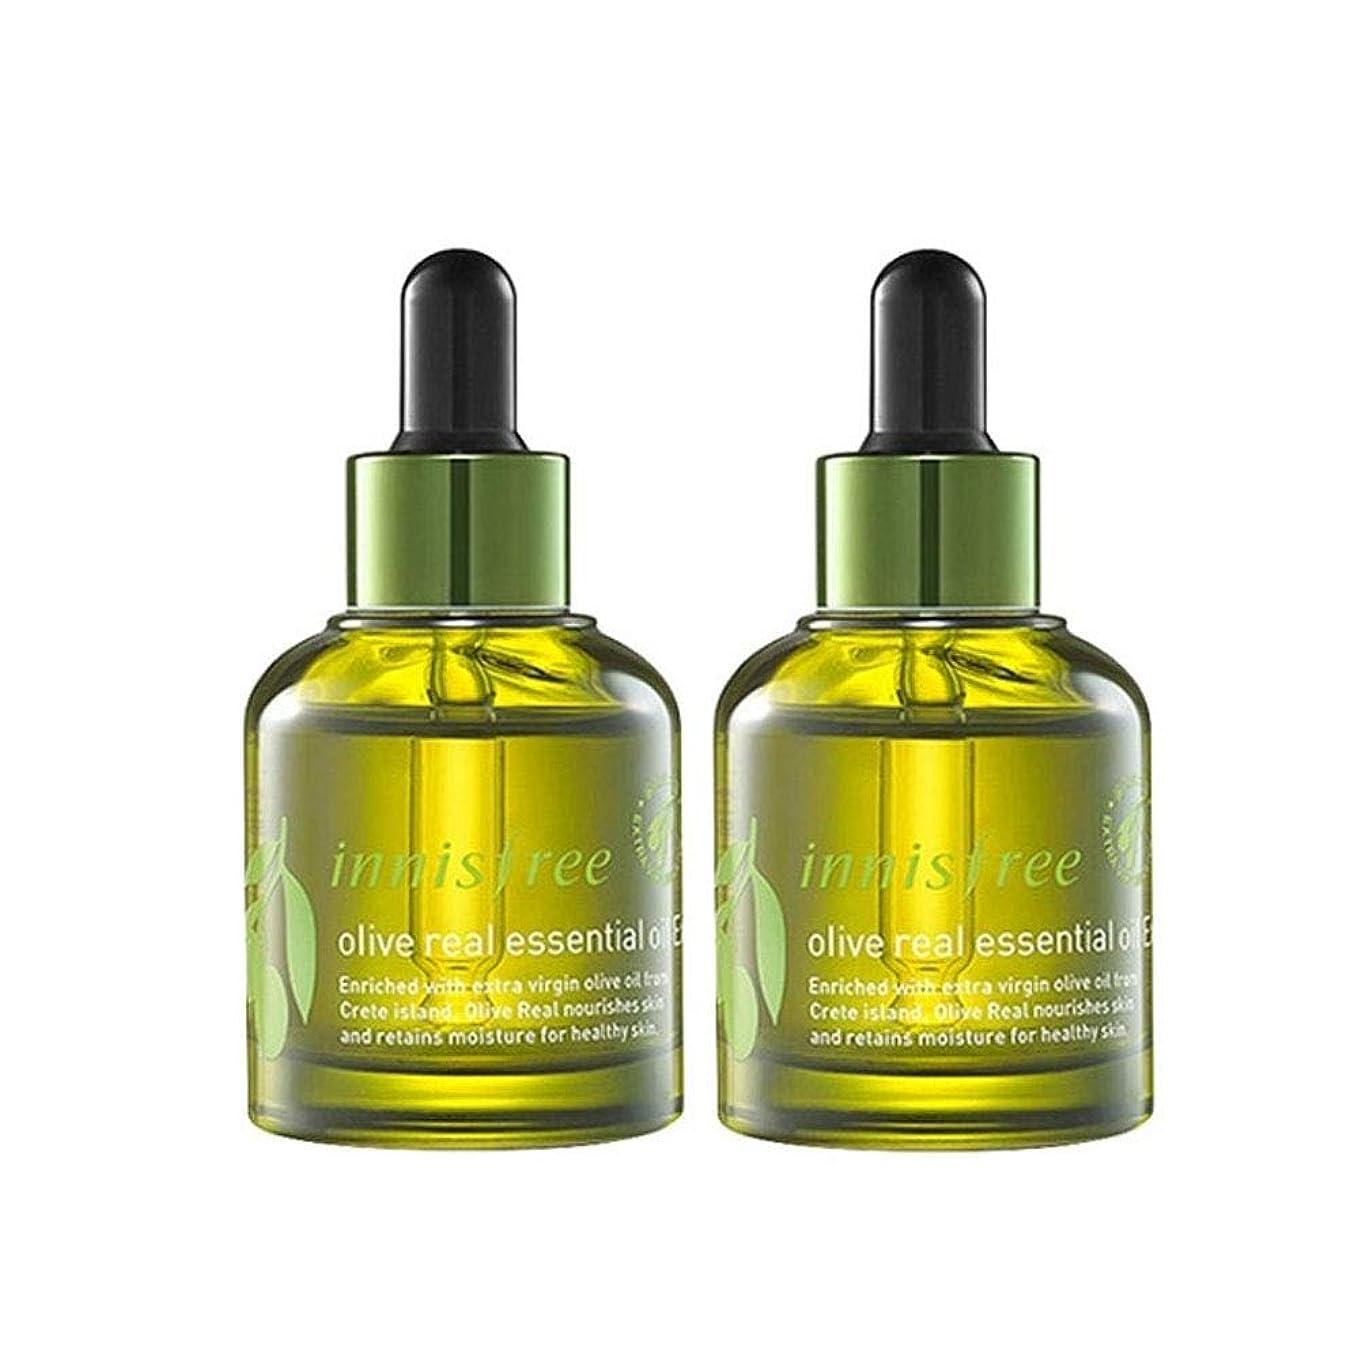 ロシア熱帯の噂イニスフリーオリーブリアルエッセンシャルオイルEx。 30ml x 2本セット保湿エッセンシャルオイル韓国コスメ、innisfree Olive Real Essential Oil Ex。 30ml x 2ea Set Korean Cosmetics [並行輸入品]